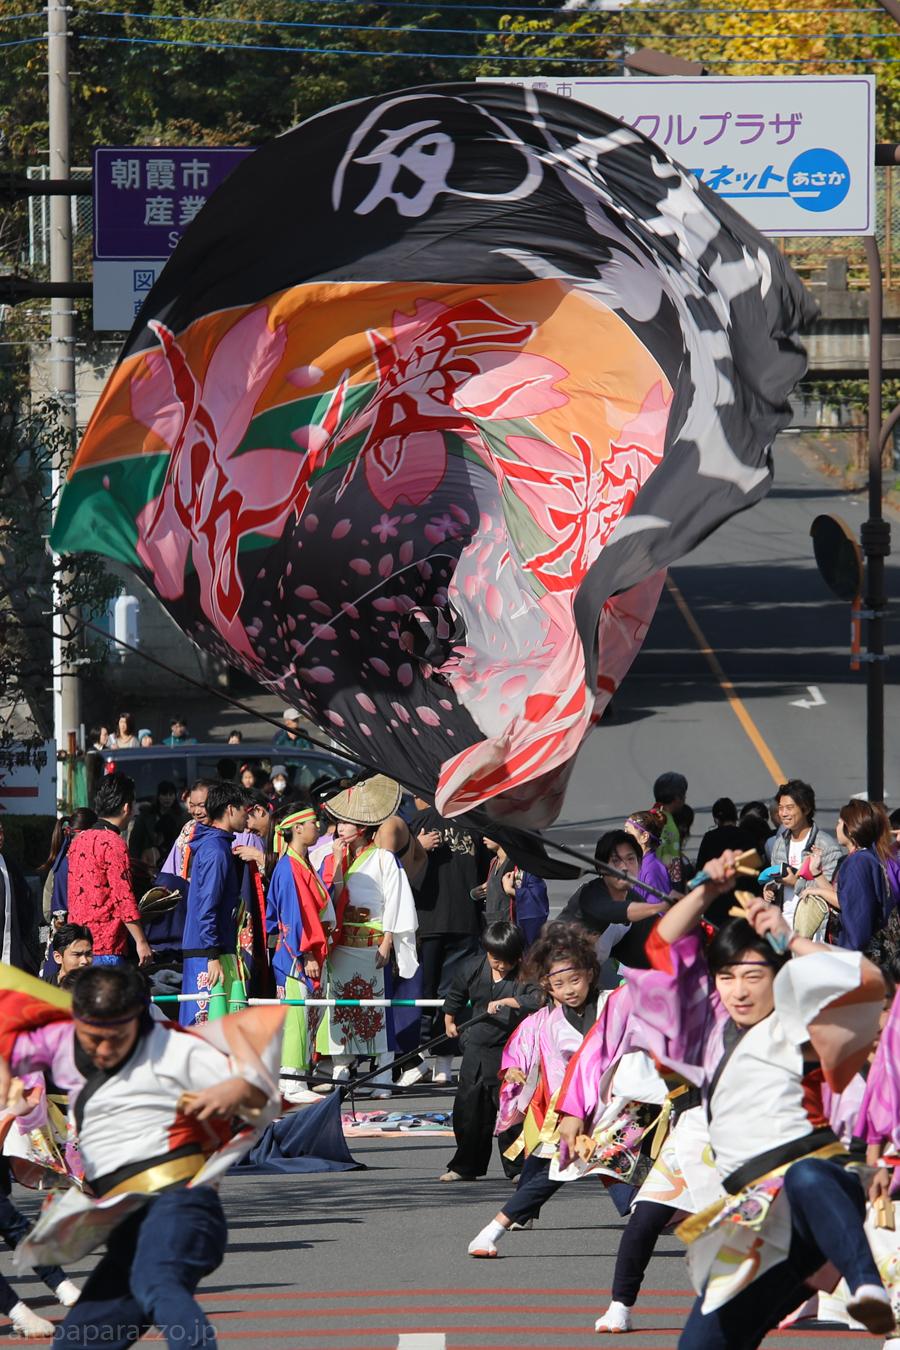 kabuki2016ran_oyachai-21.jpg